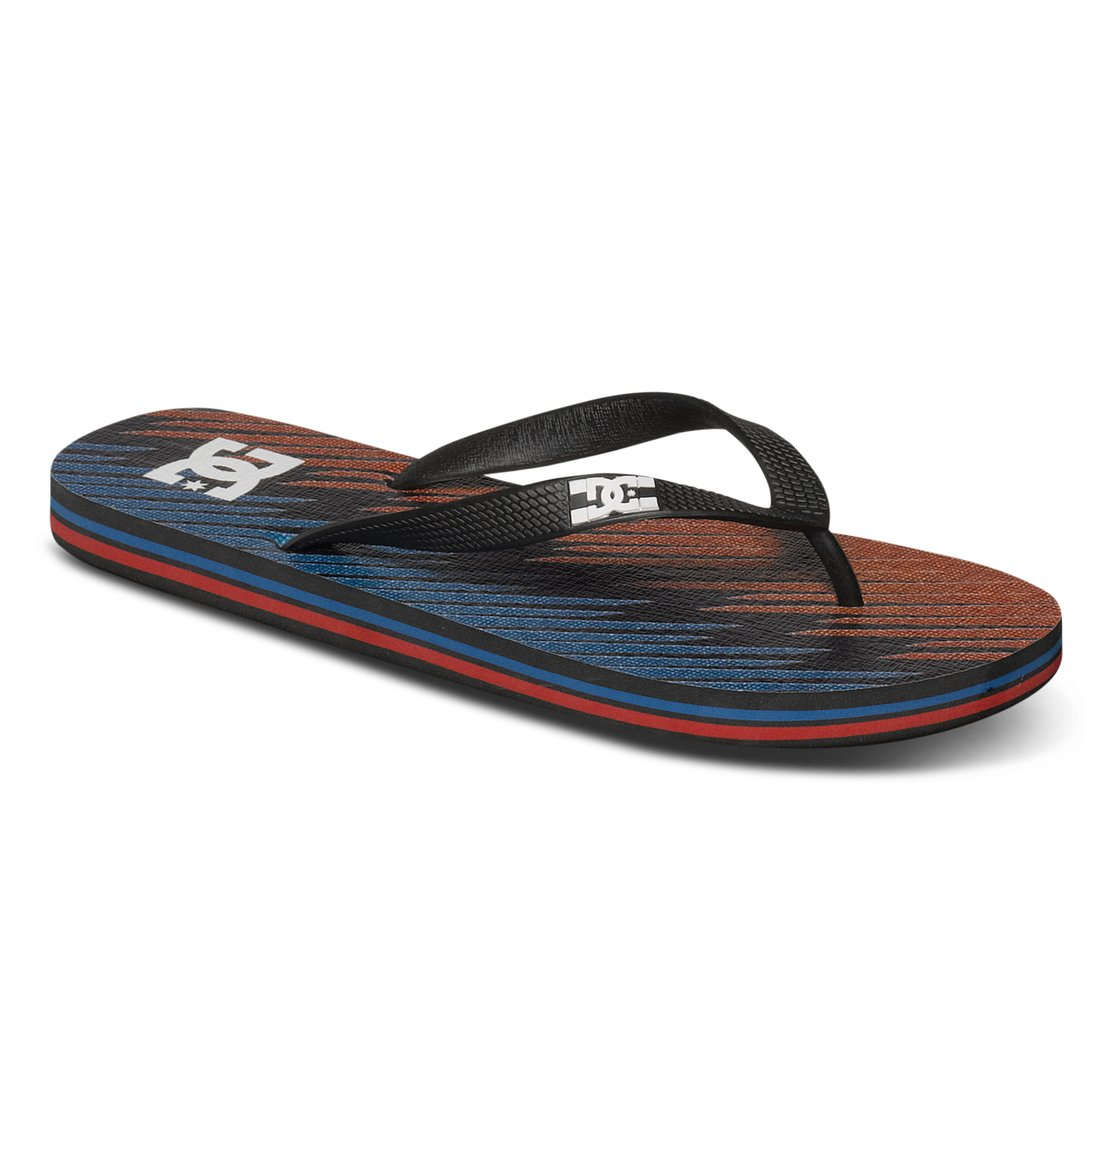 8e8da89fea353 0 Spray Graffik Flip flops 303276 DC Shoes